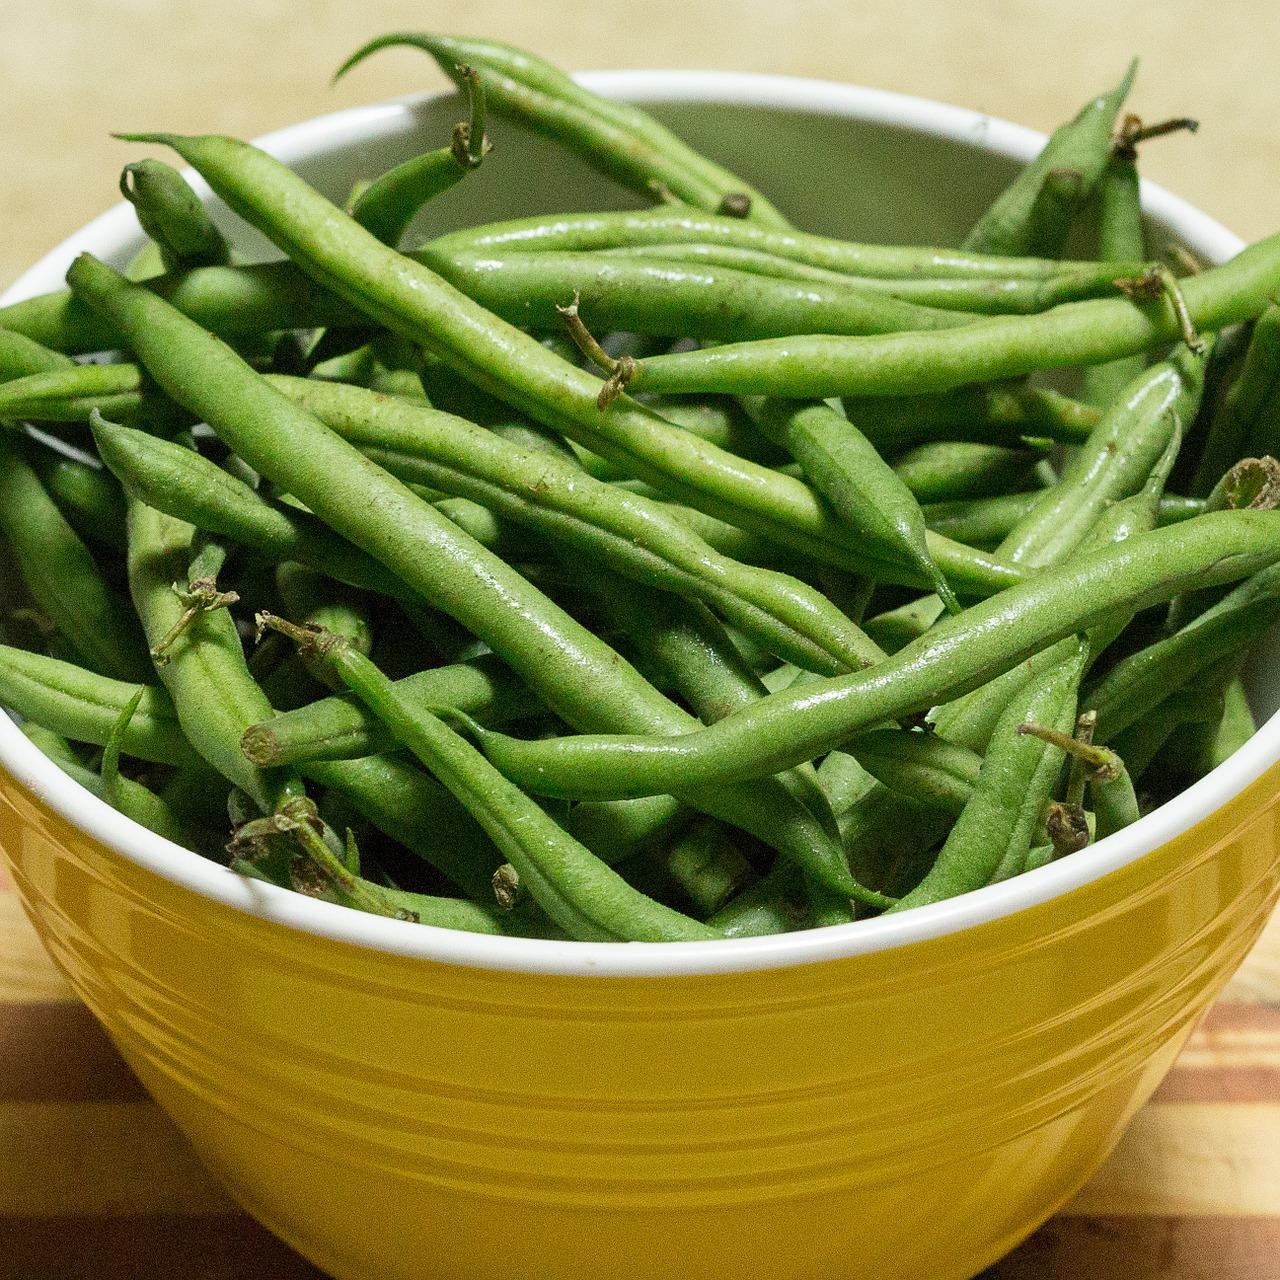 Escabeche de habichuelos o jud as verdes - Como hacer judias verdes ...